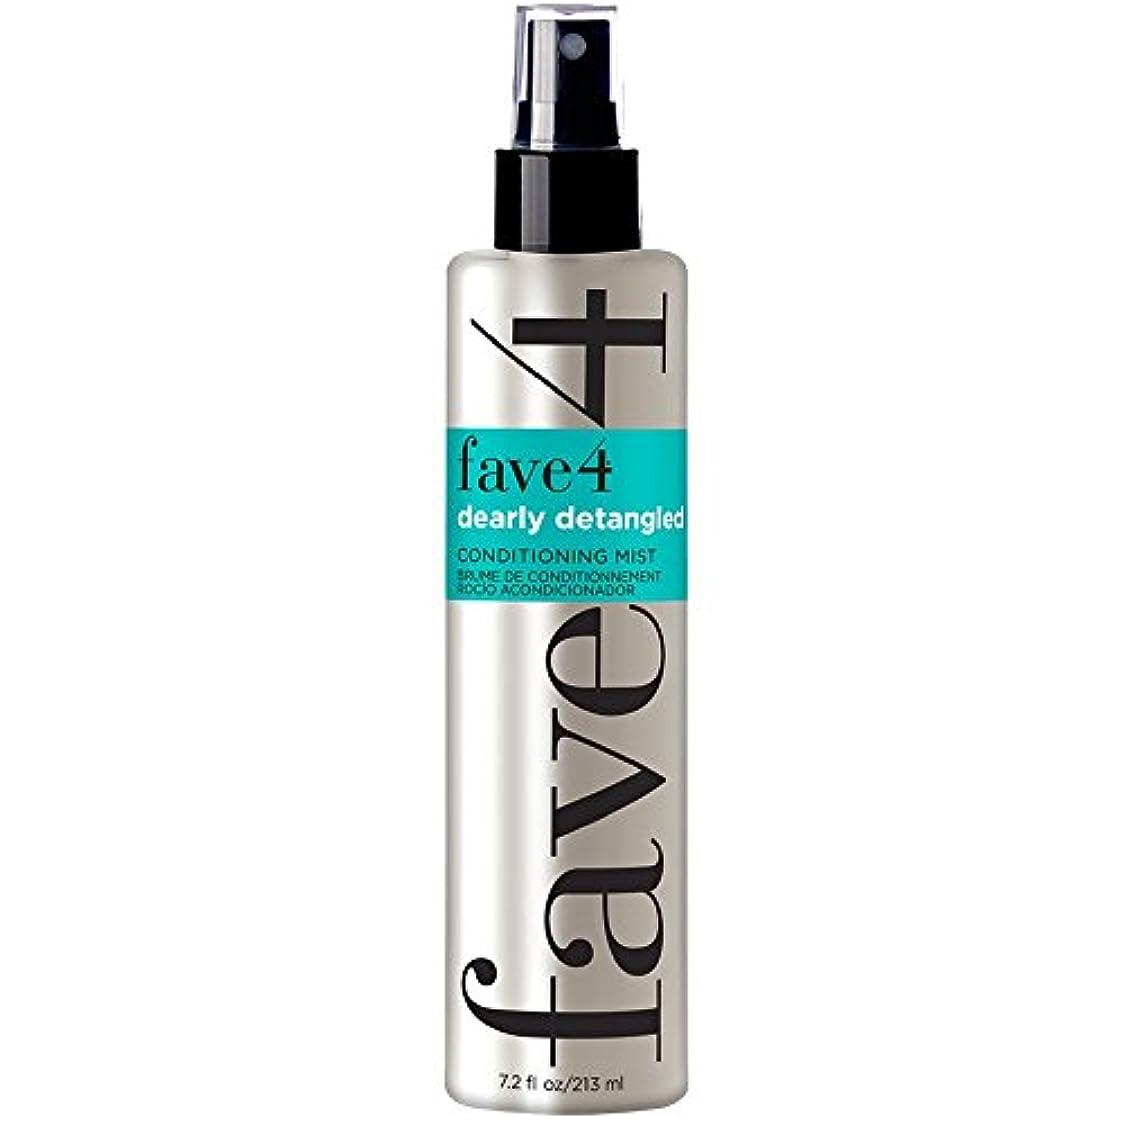 ネスト連鎖欲望fave4 コンディショナーコンディショニングスプレーで心からDetangledリーブ - 硫酸無料|パラベンフリー|グルテンフリー|シリコーンフリー|虐待無料|色処理した毛髪、7.2オンスのための安全な